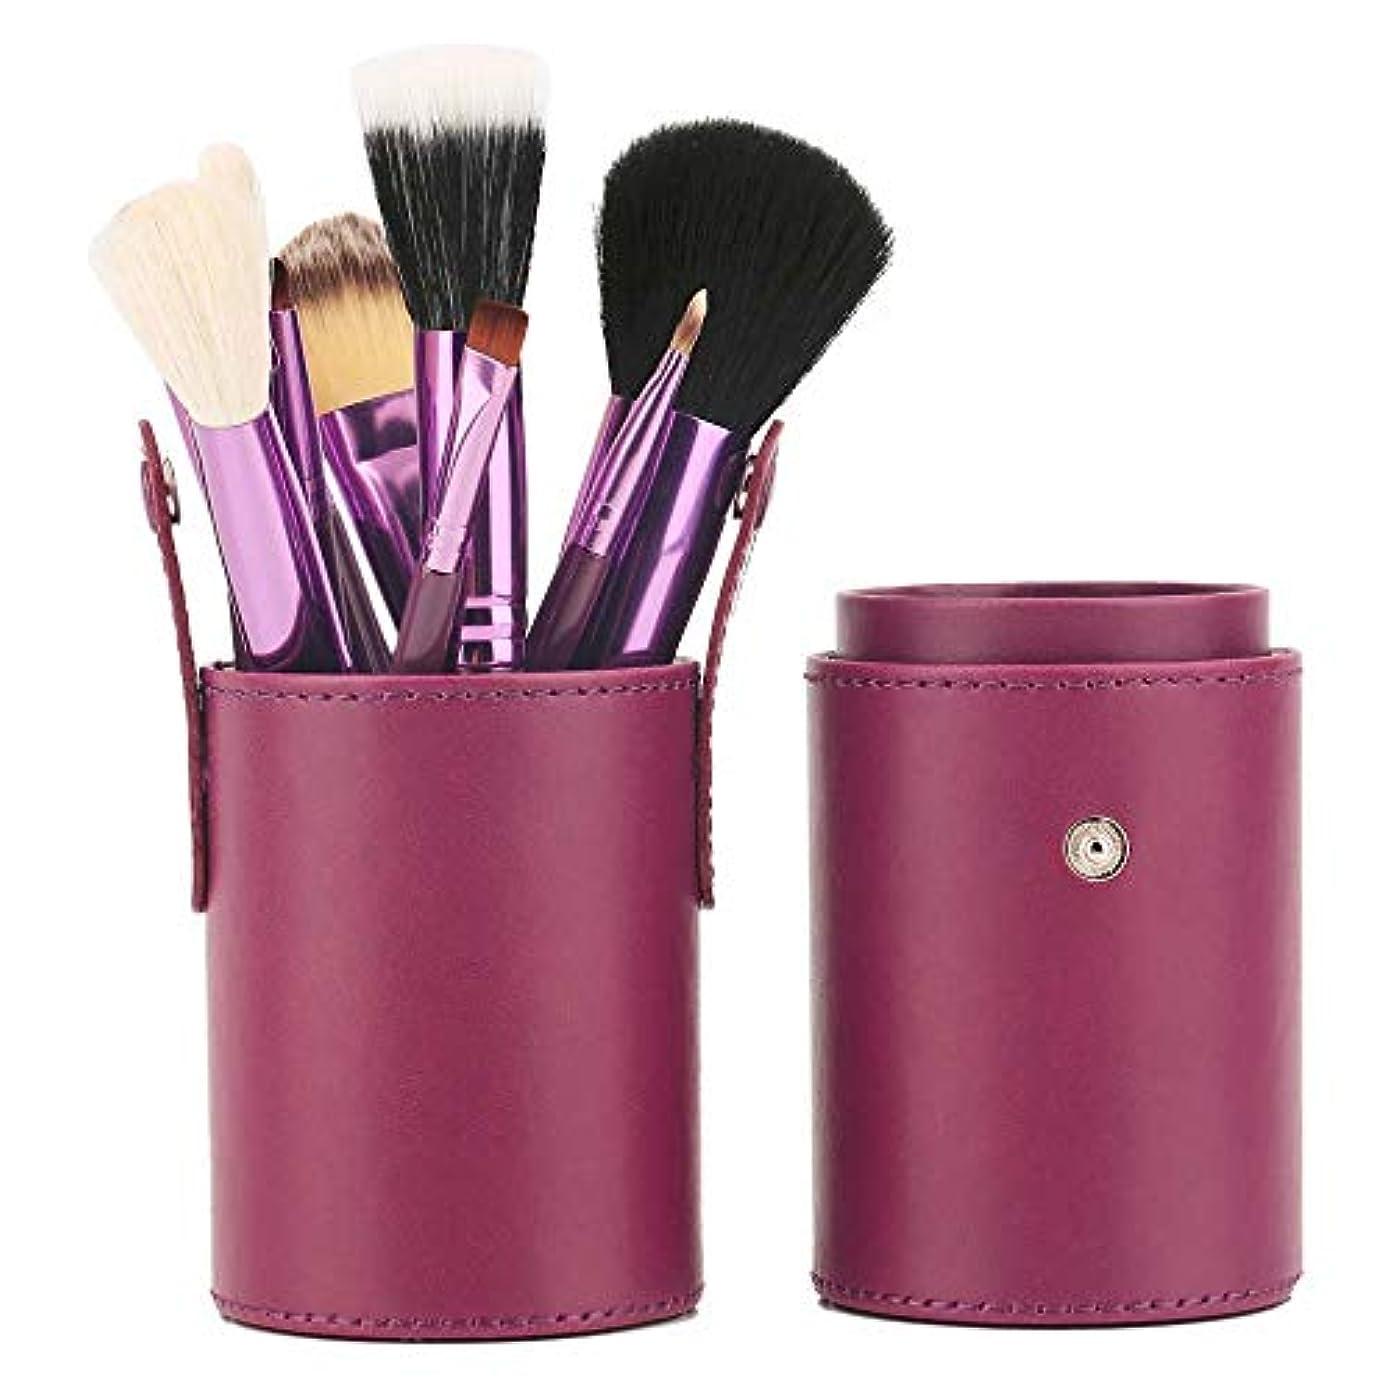 高尚なフェデレーション神経障害高品質プロフェッショナル12化粧ブラシセット化粧ブラシ,Purple